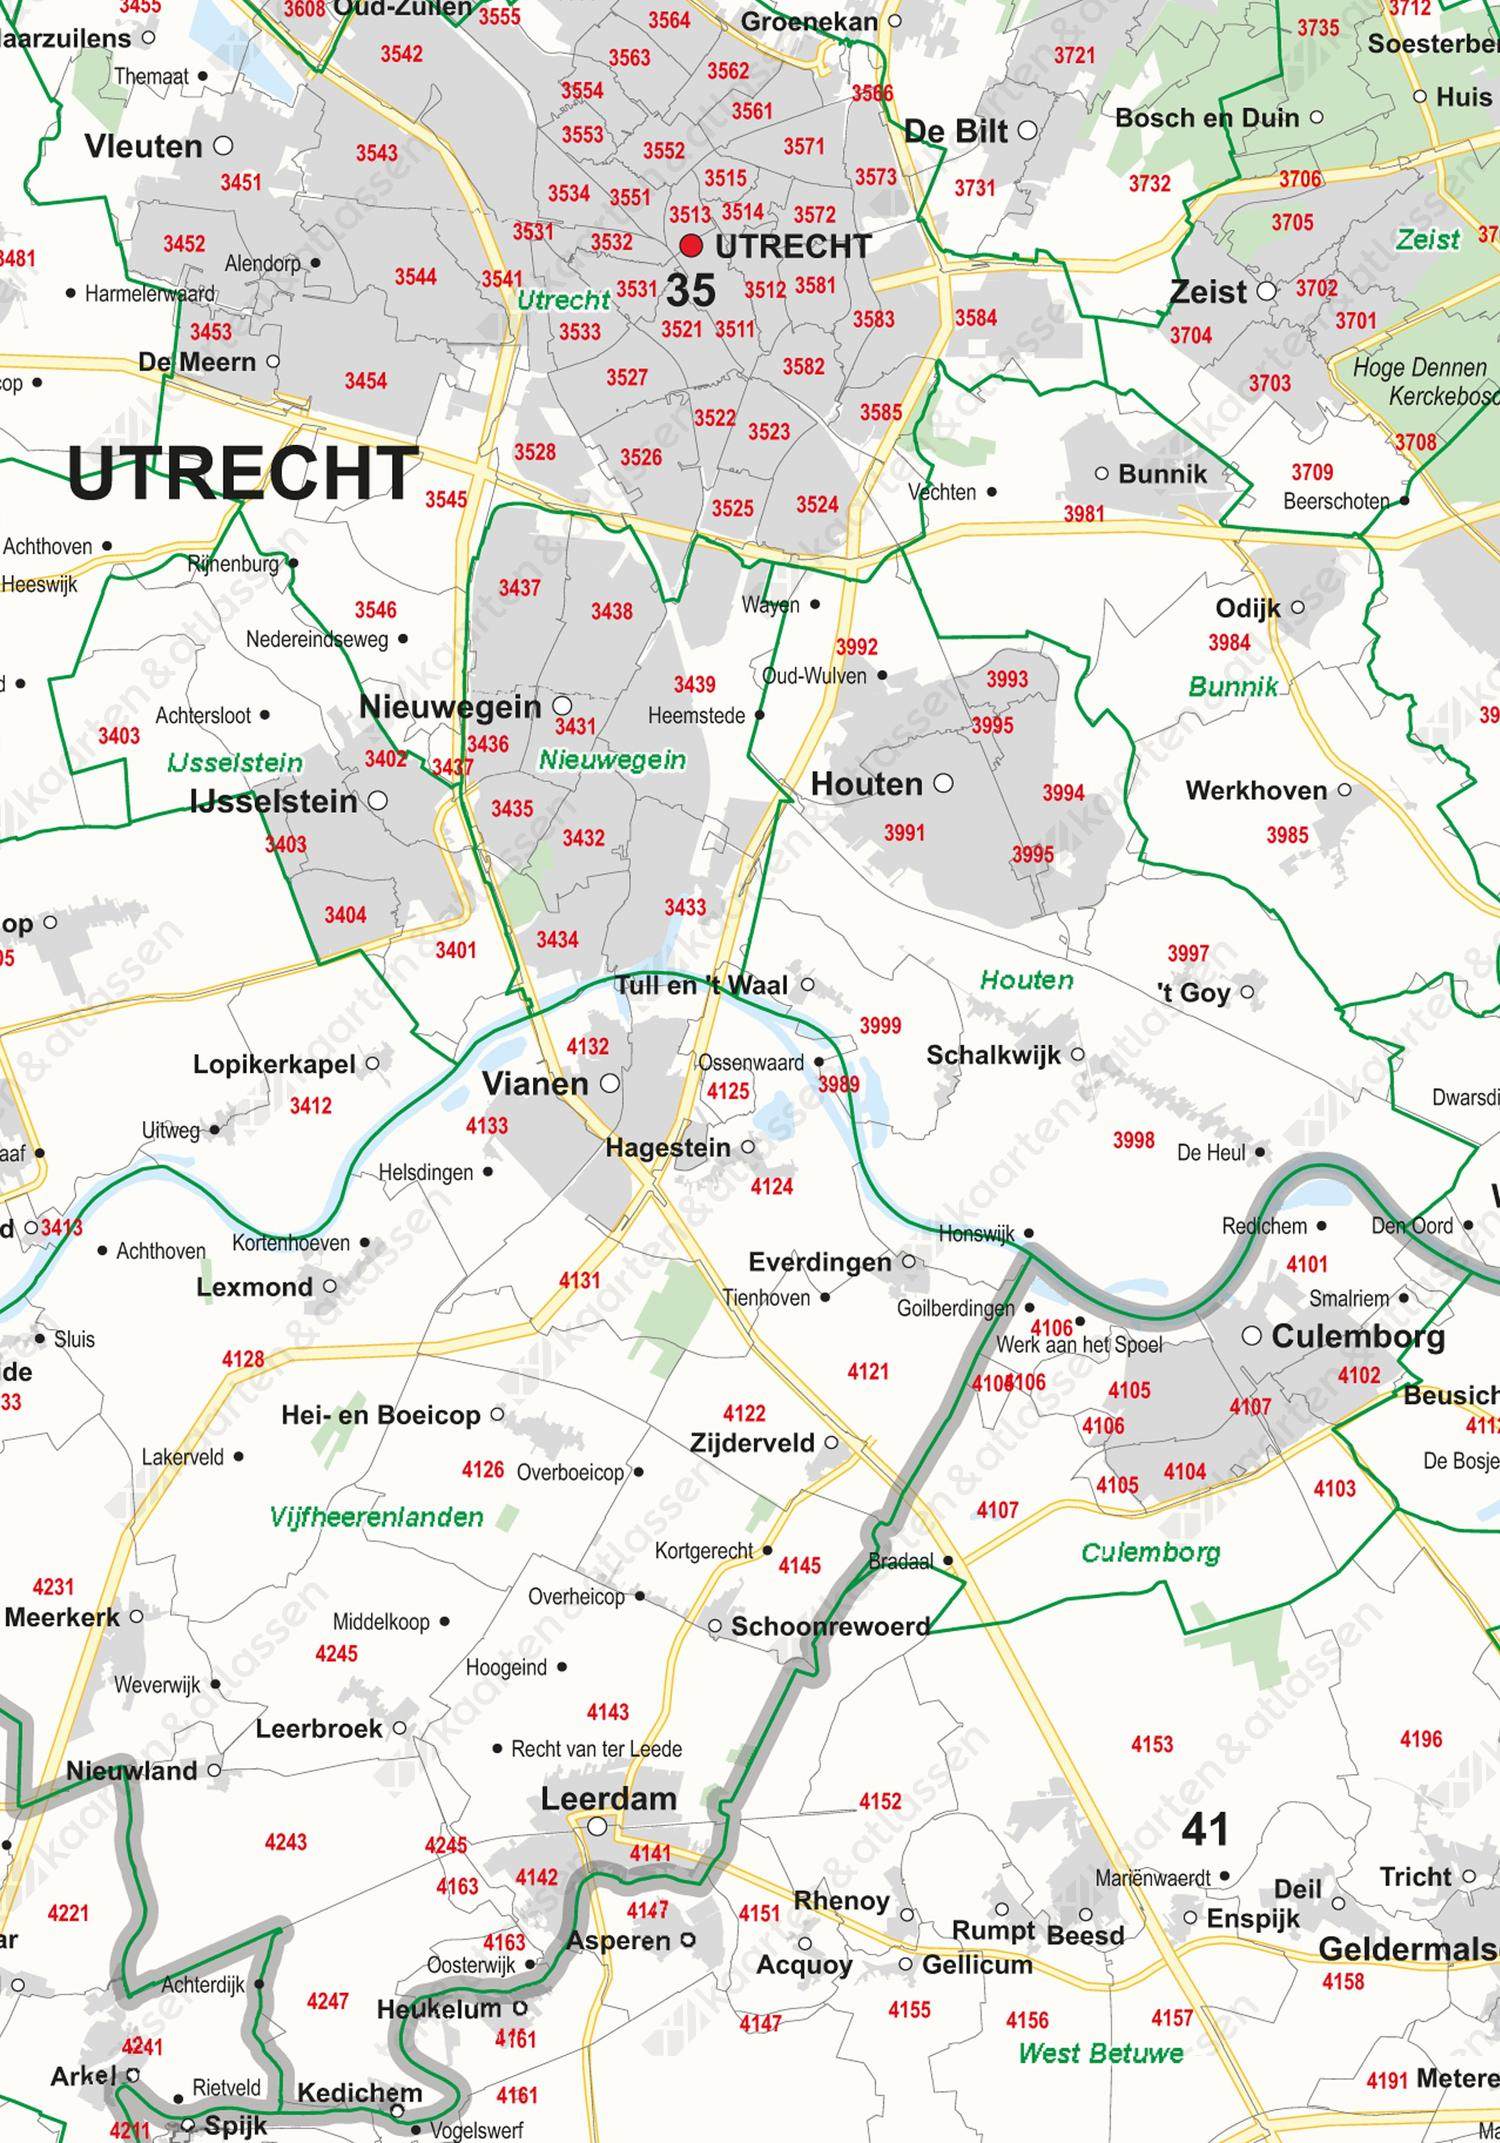 Digitale Postcode-/Gemeentekaart Nederland